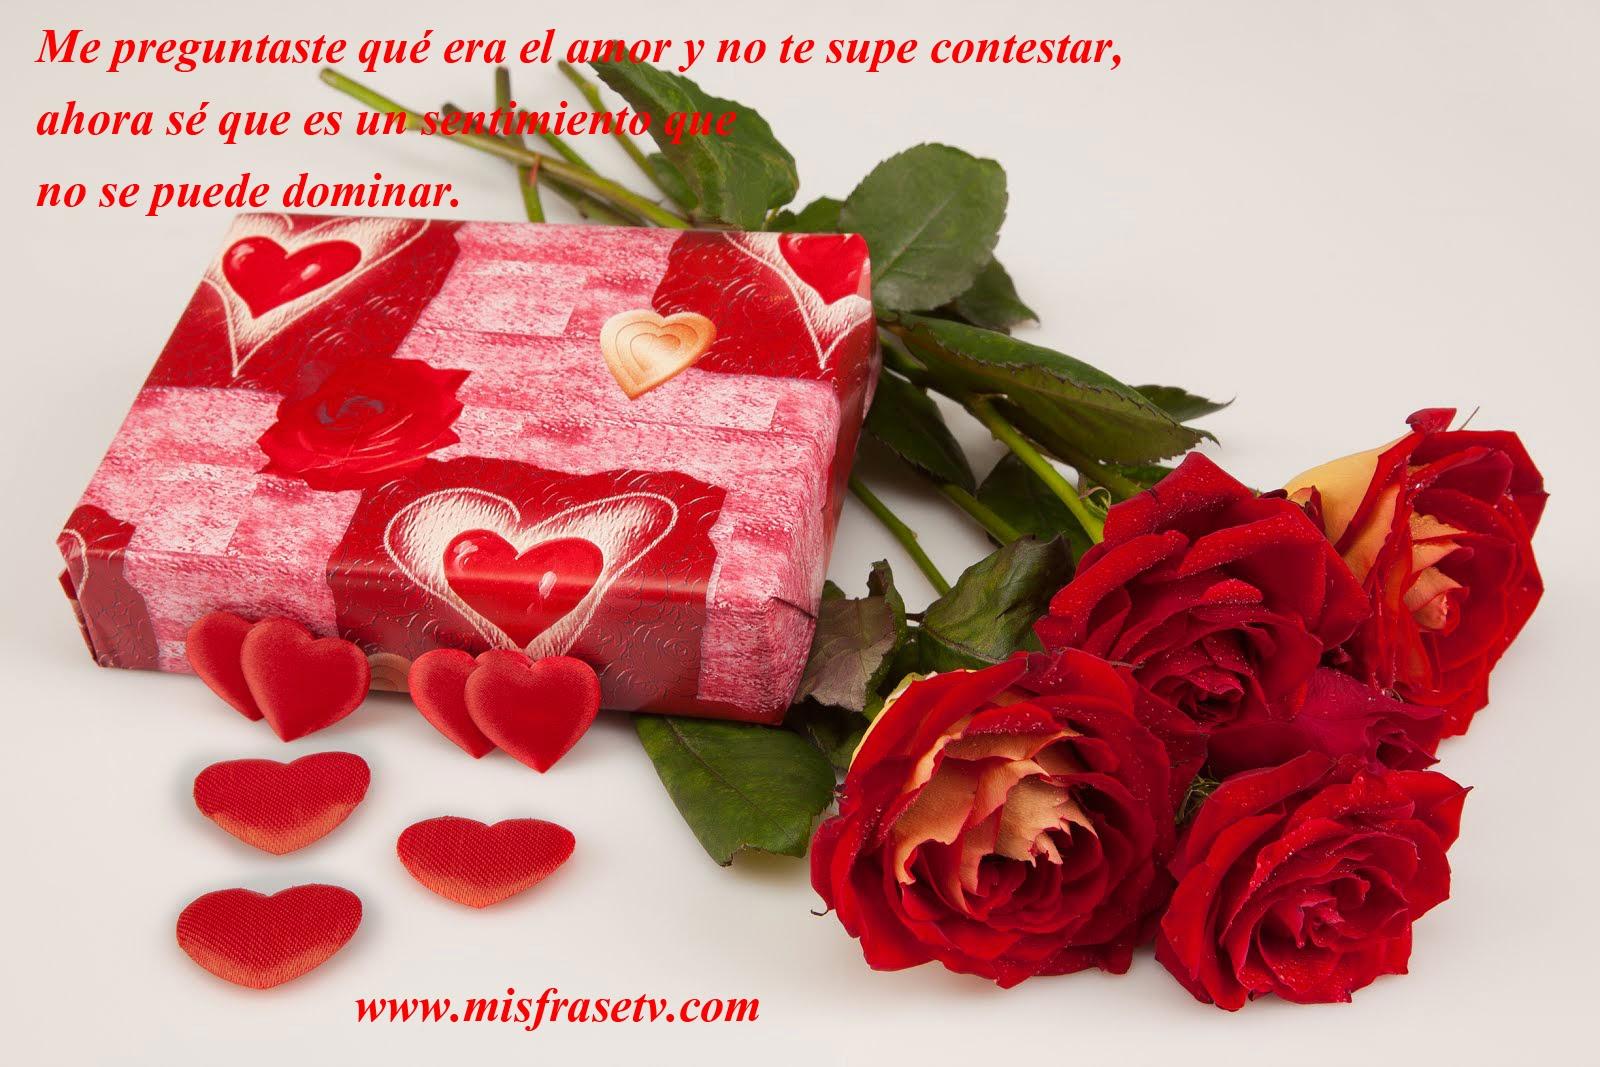 imagen de frases de amor y rosas para el da de san valentin